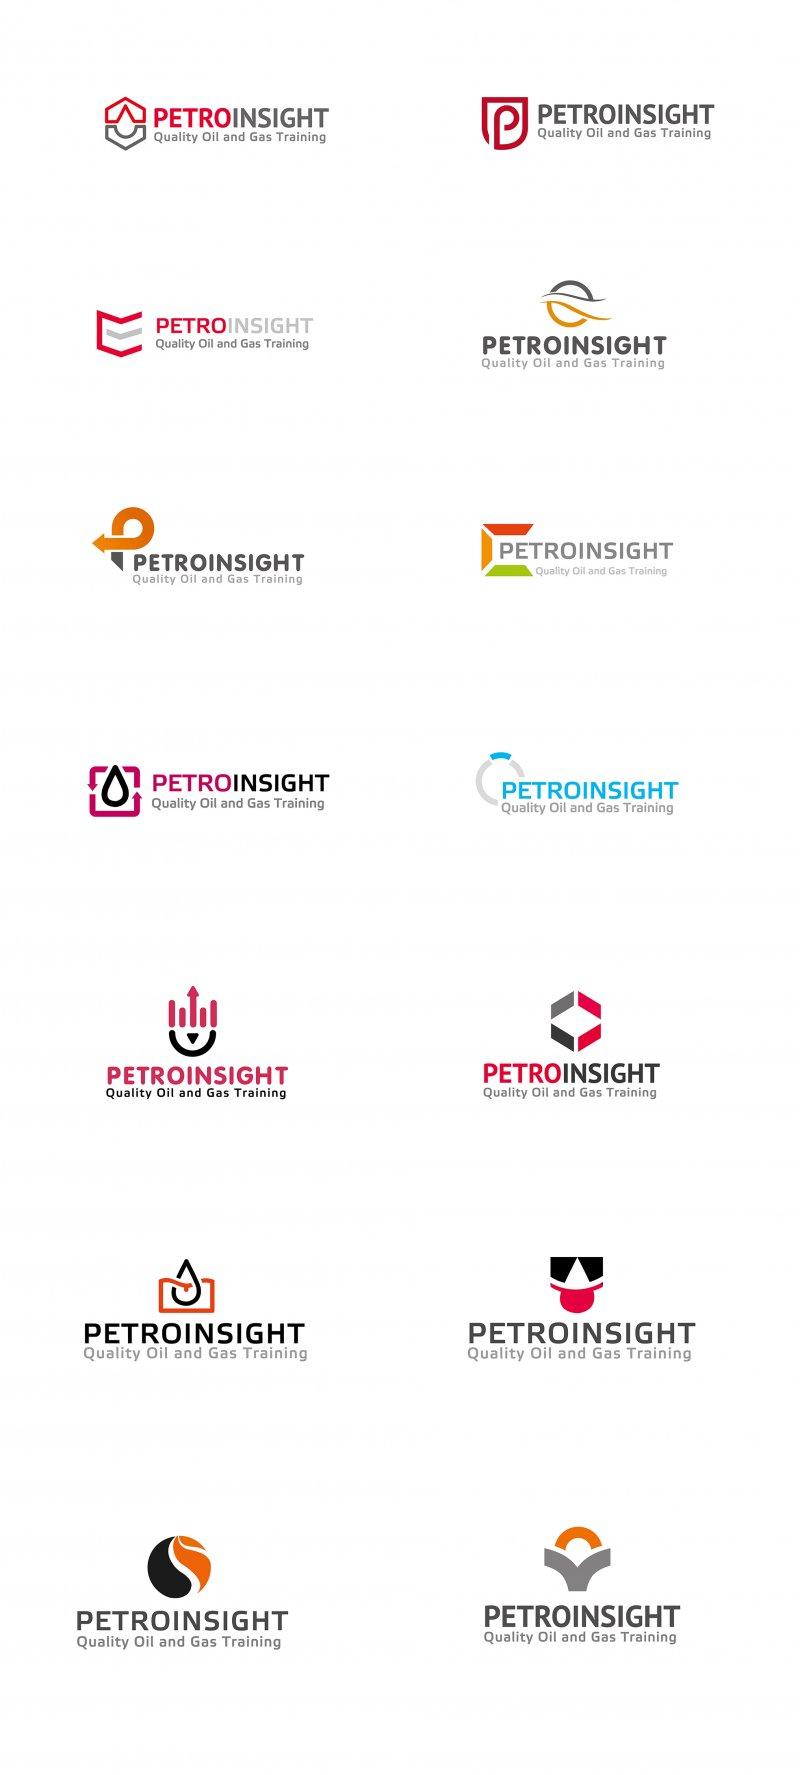 Перелік робіт Petroinsight